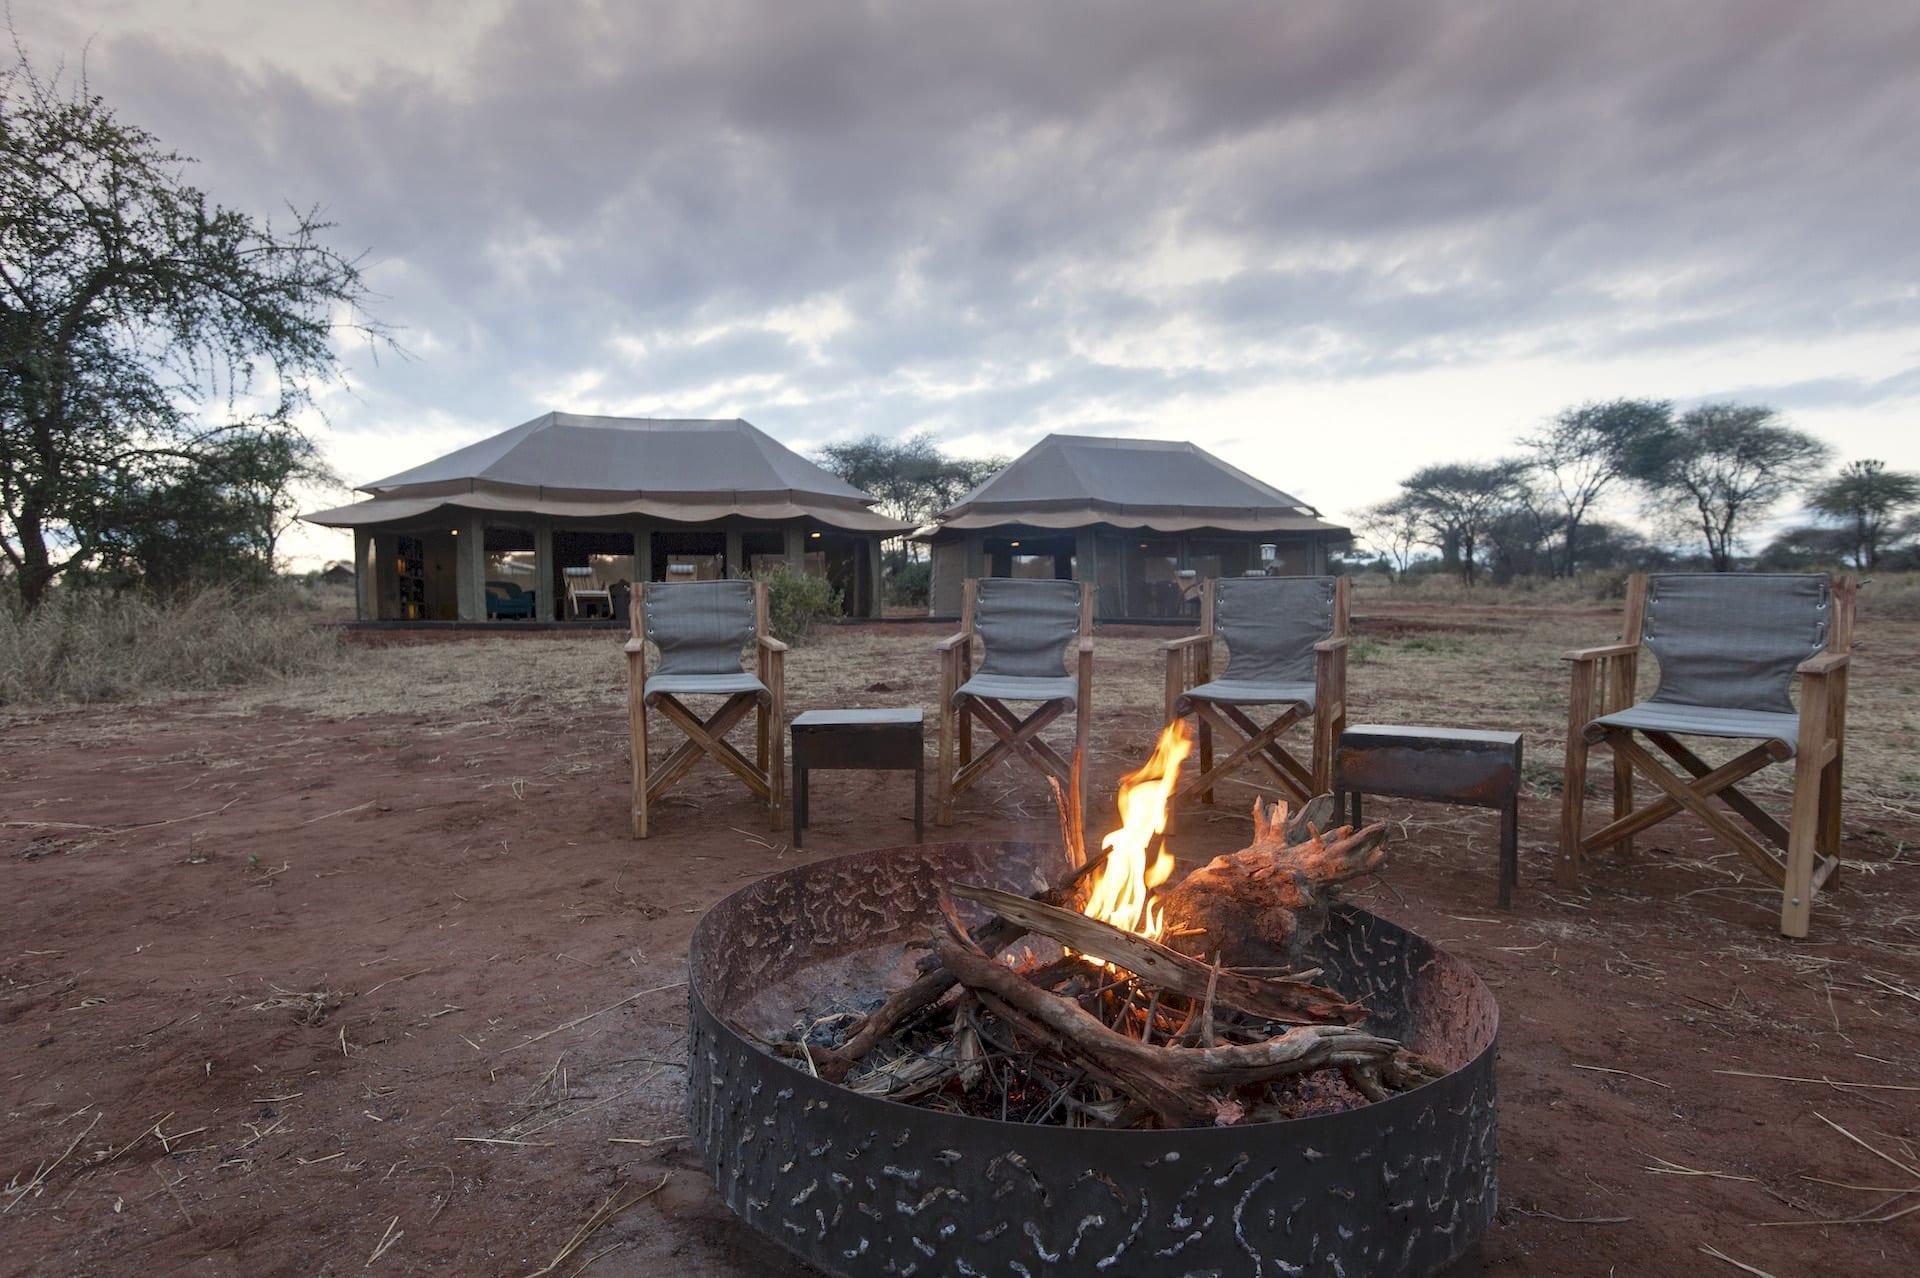 # FOTO - Kichuguu Camp - dsc_5390